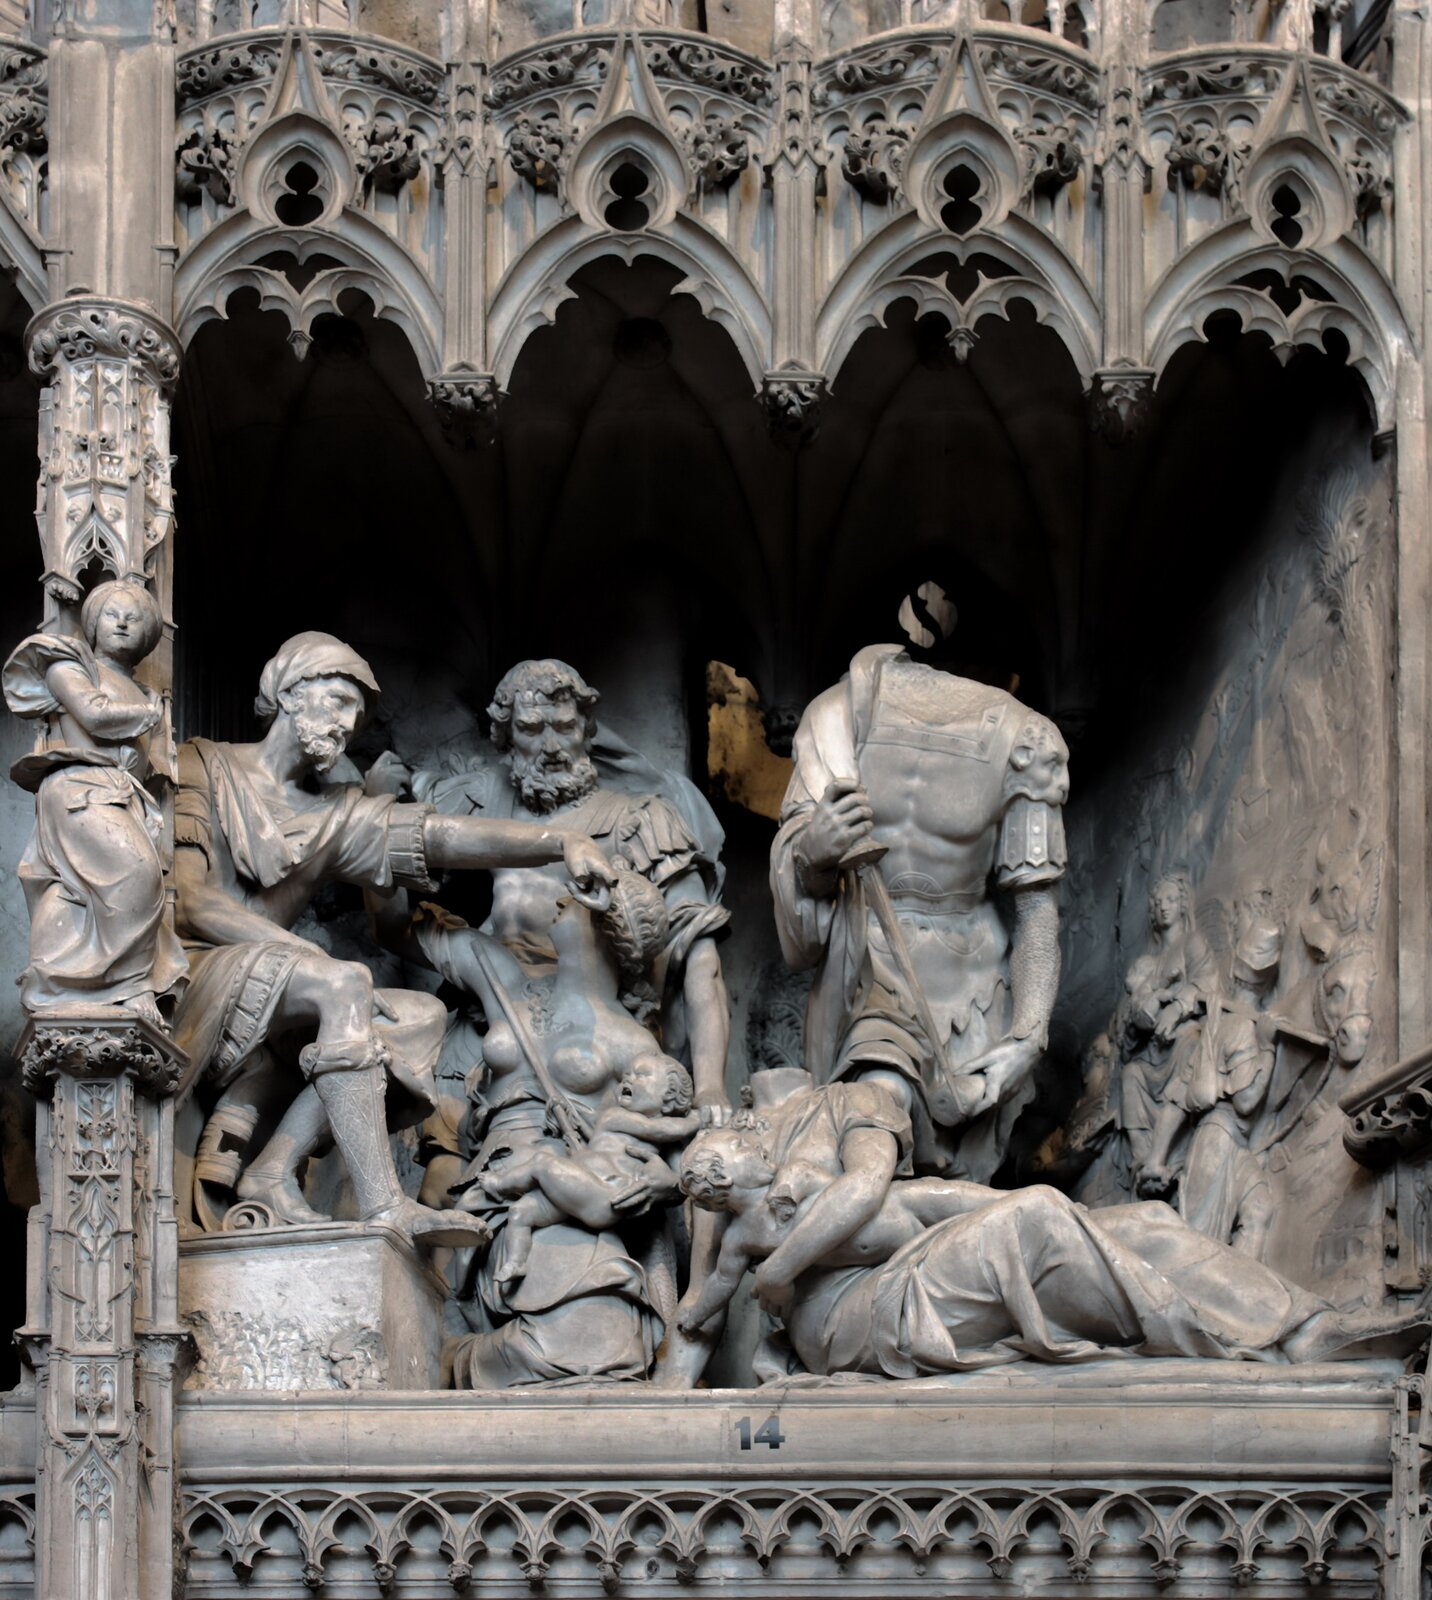 Ilustracja przedstawia wypukłorzeźby zgotyckiej katedry pod wezwaniem Najświętszej Marii Panny (Notre-Dame) wChartres we Francji. Na fotografii można zobaczyć wyrzeźbioną scenę, wktórej widoczni są ludzie zwysokiego rodu oraz leżące pod nimi kobiety zdziećmi na rękach.